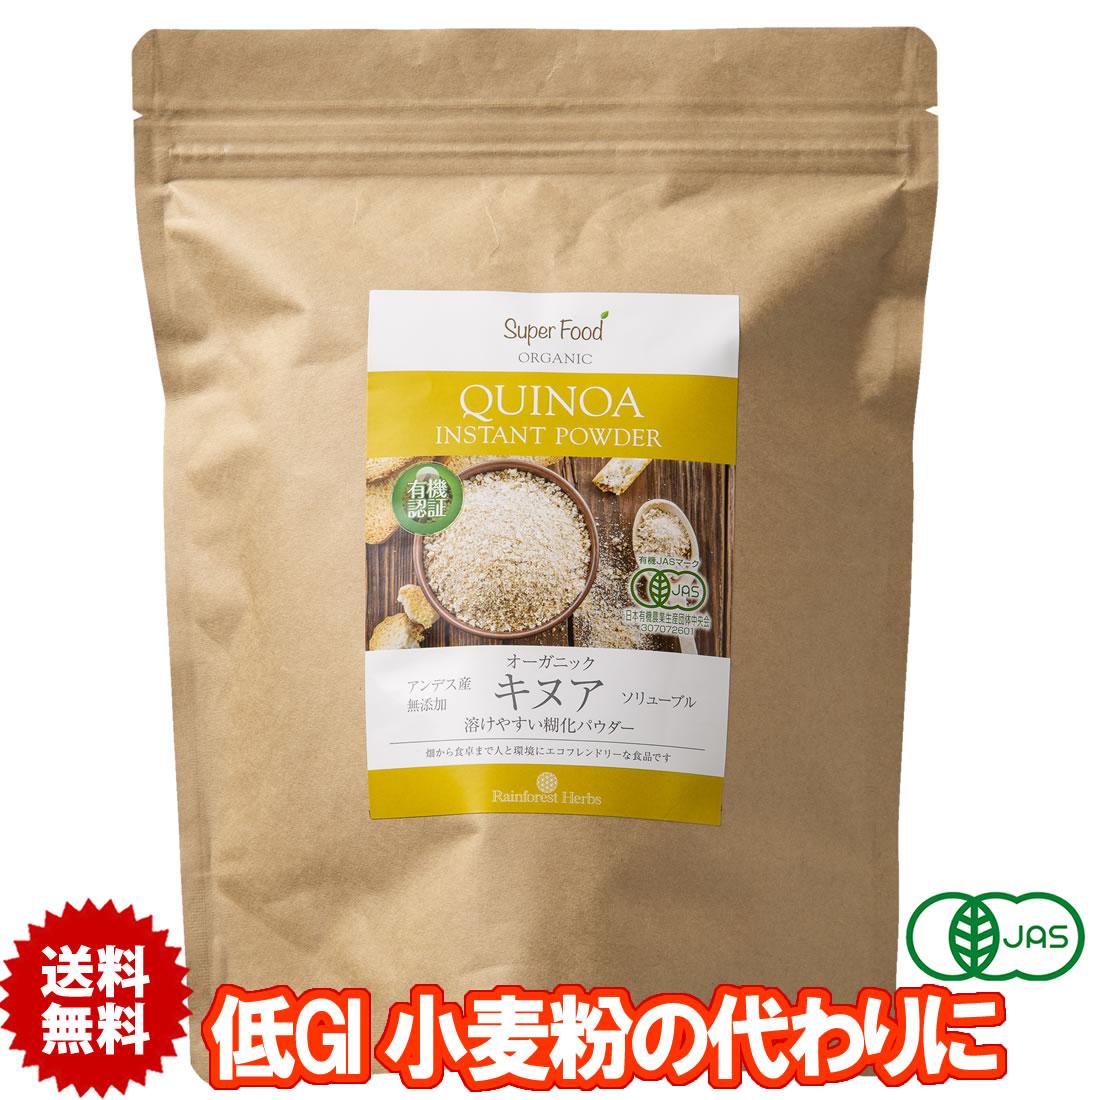 必須アミノ酸を全て含む完全植物性タンパク質/小麦粉の代わりに/植物性プロテインとしても ポイント10倍 有機キヌアパウダー キヌア粉 500g 1袋 ペルー産 有機JASオーガニック グルテンフリー